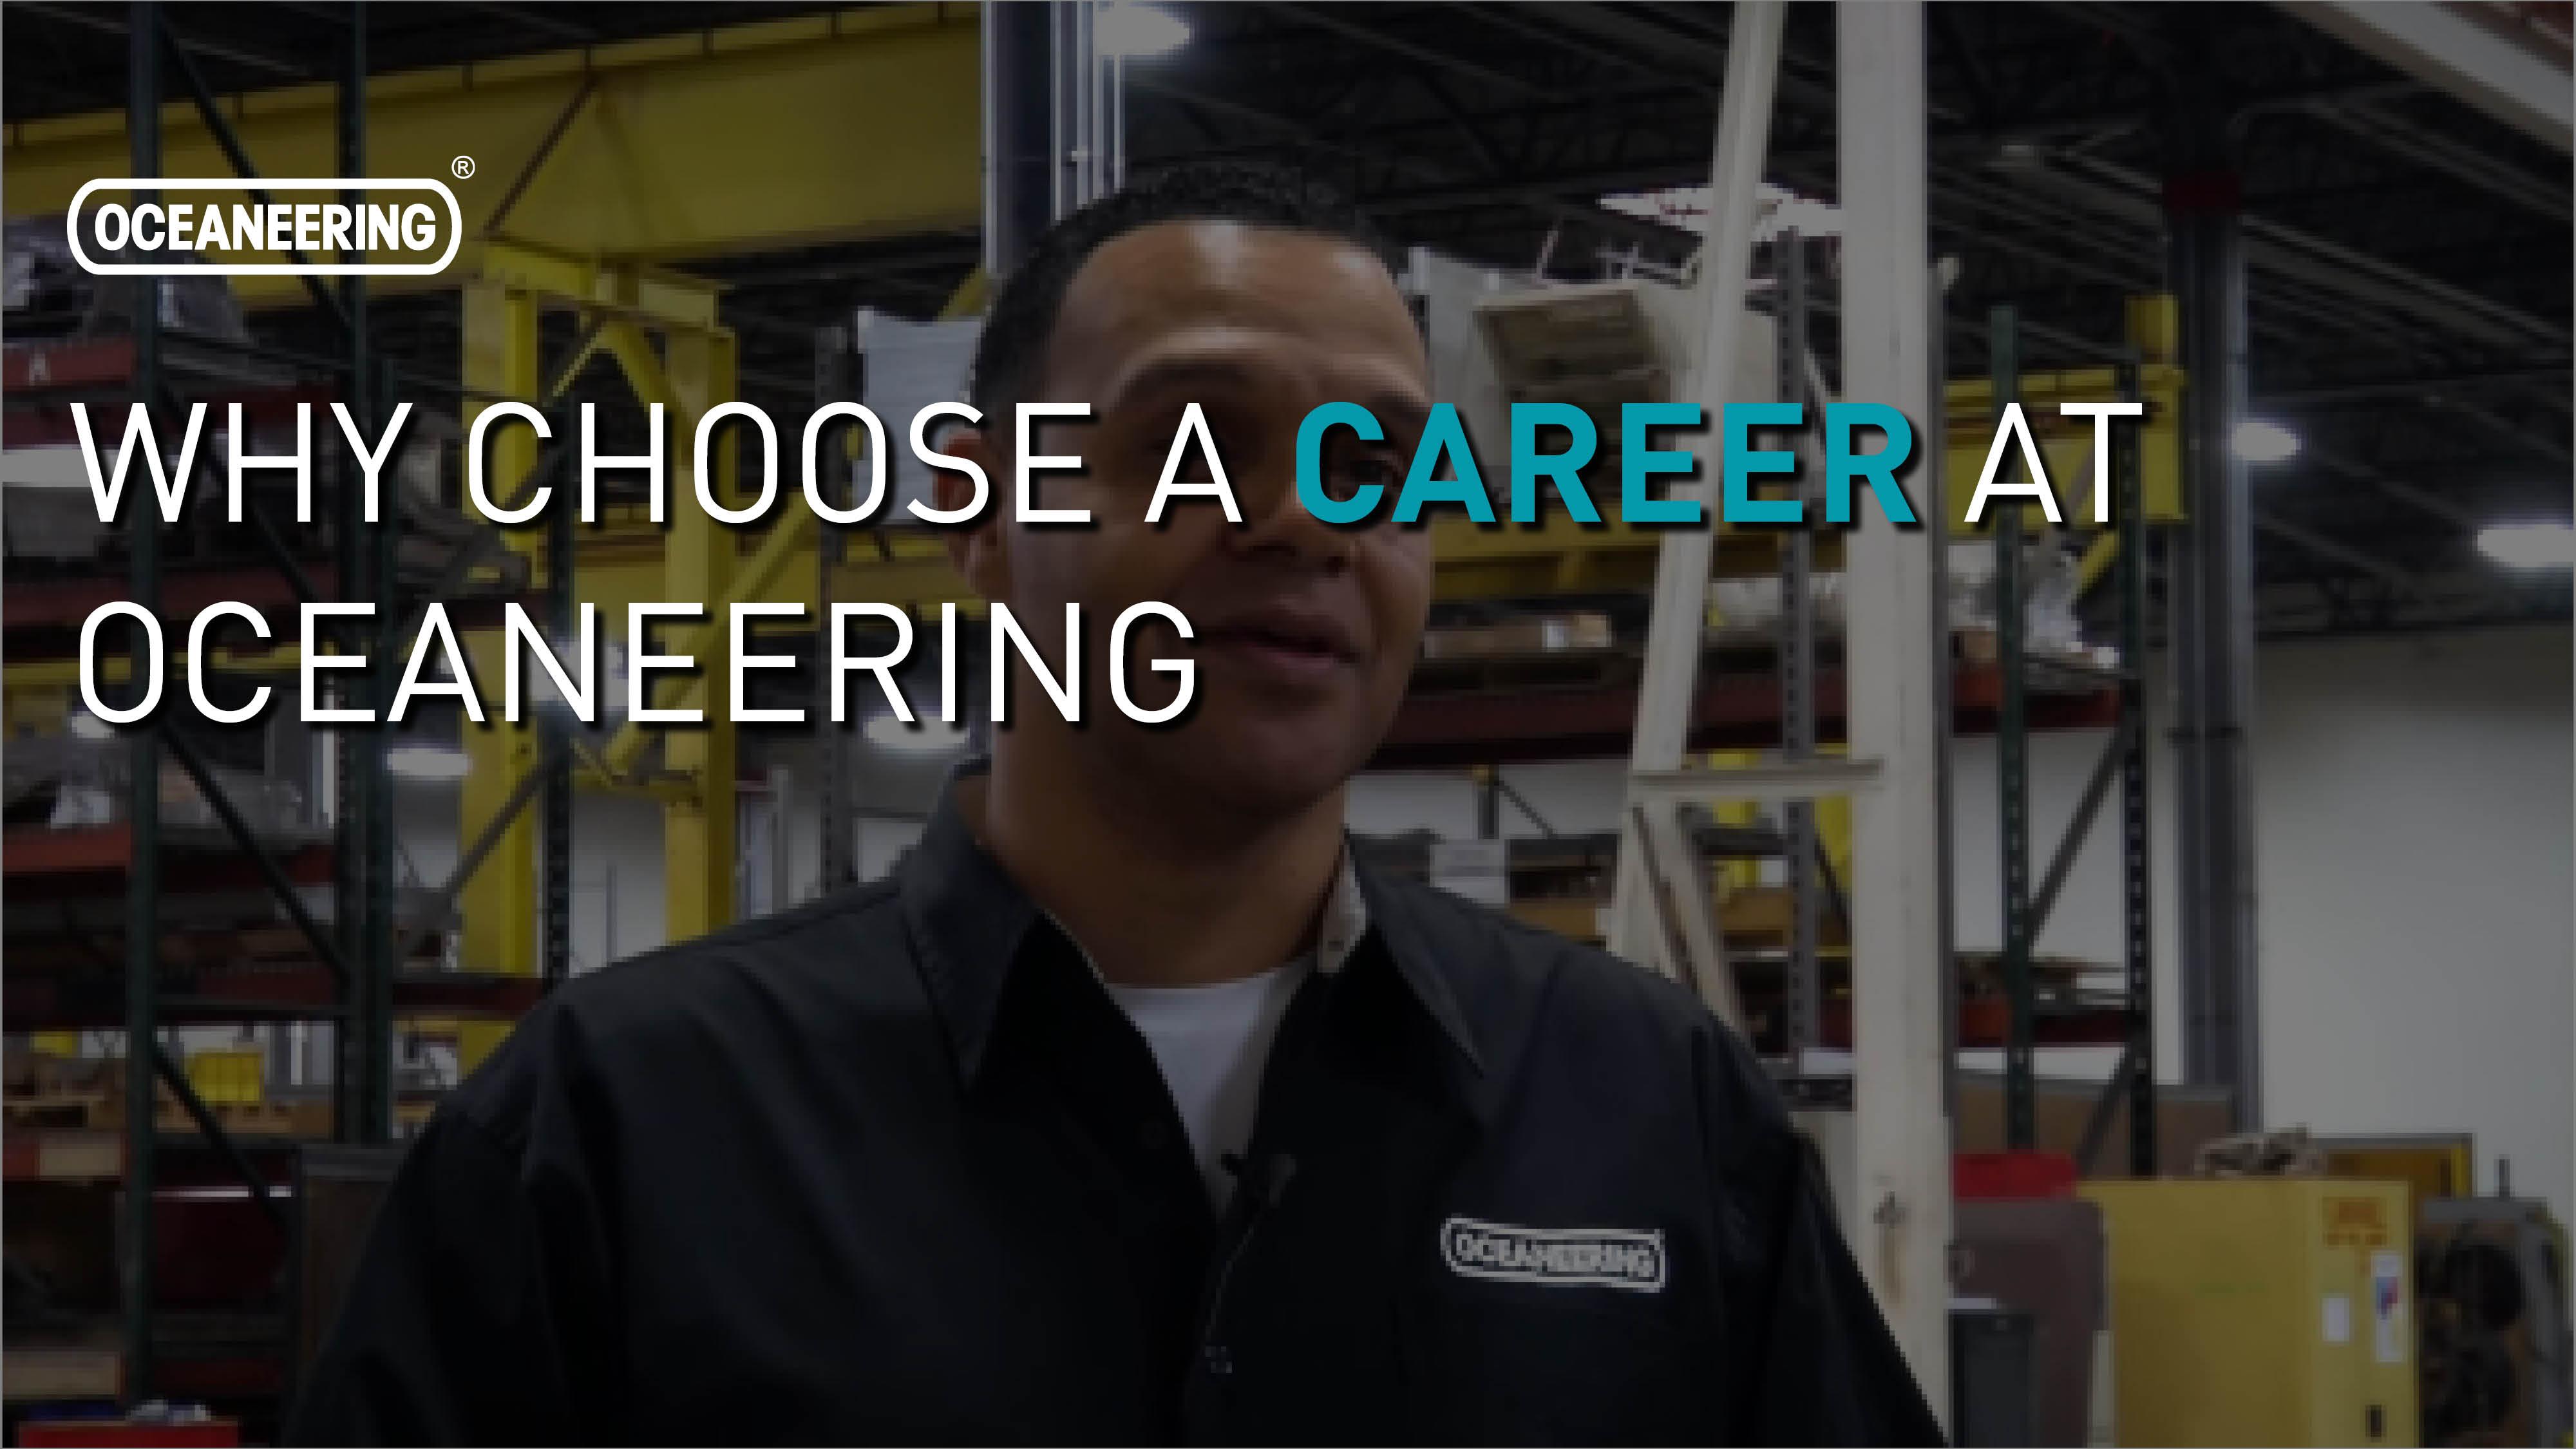 Oceaneering Careers | Oceaneering